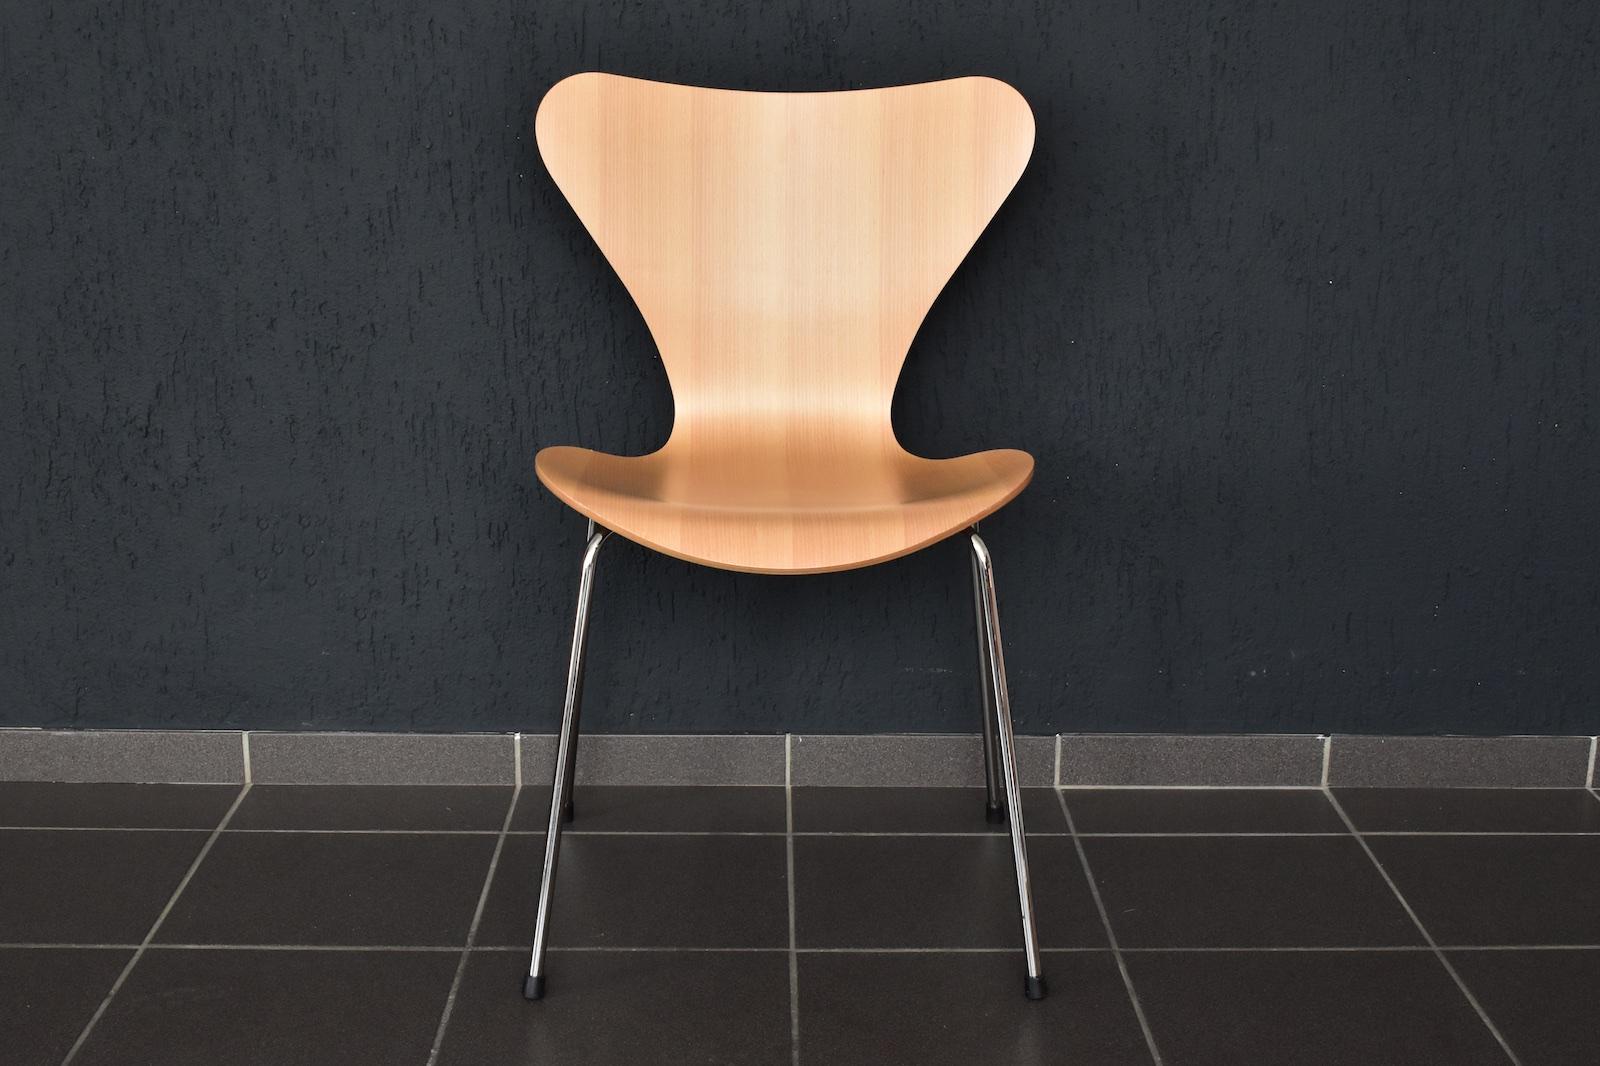 1x Top Fritz Hansen Stuhl 3107 Arne Jacobsen Chair 44cm Von 2010 EBay